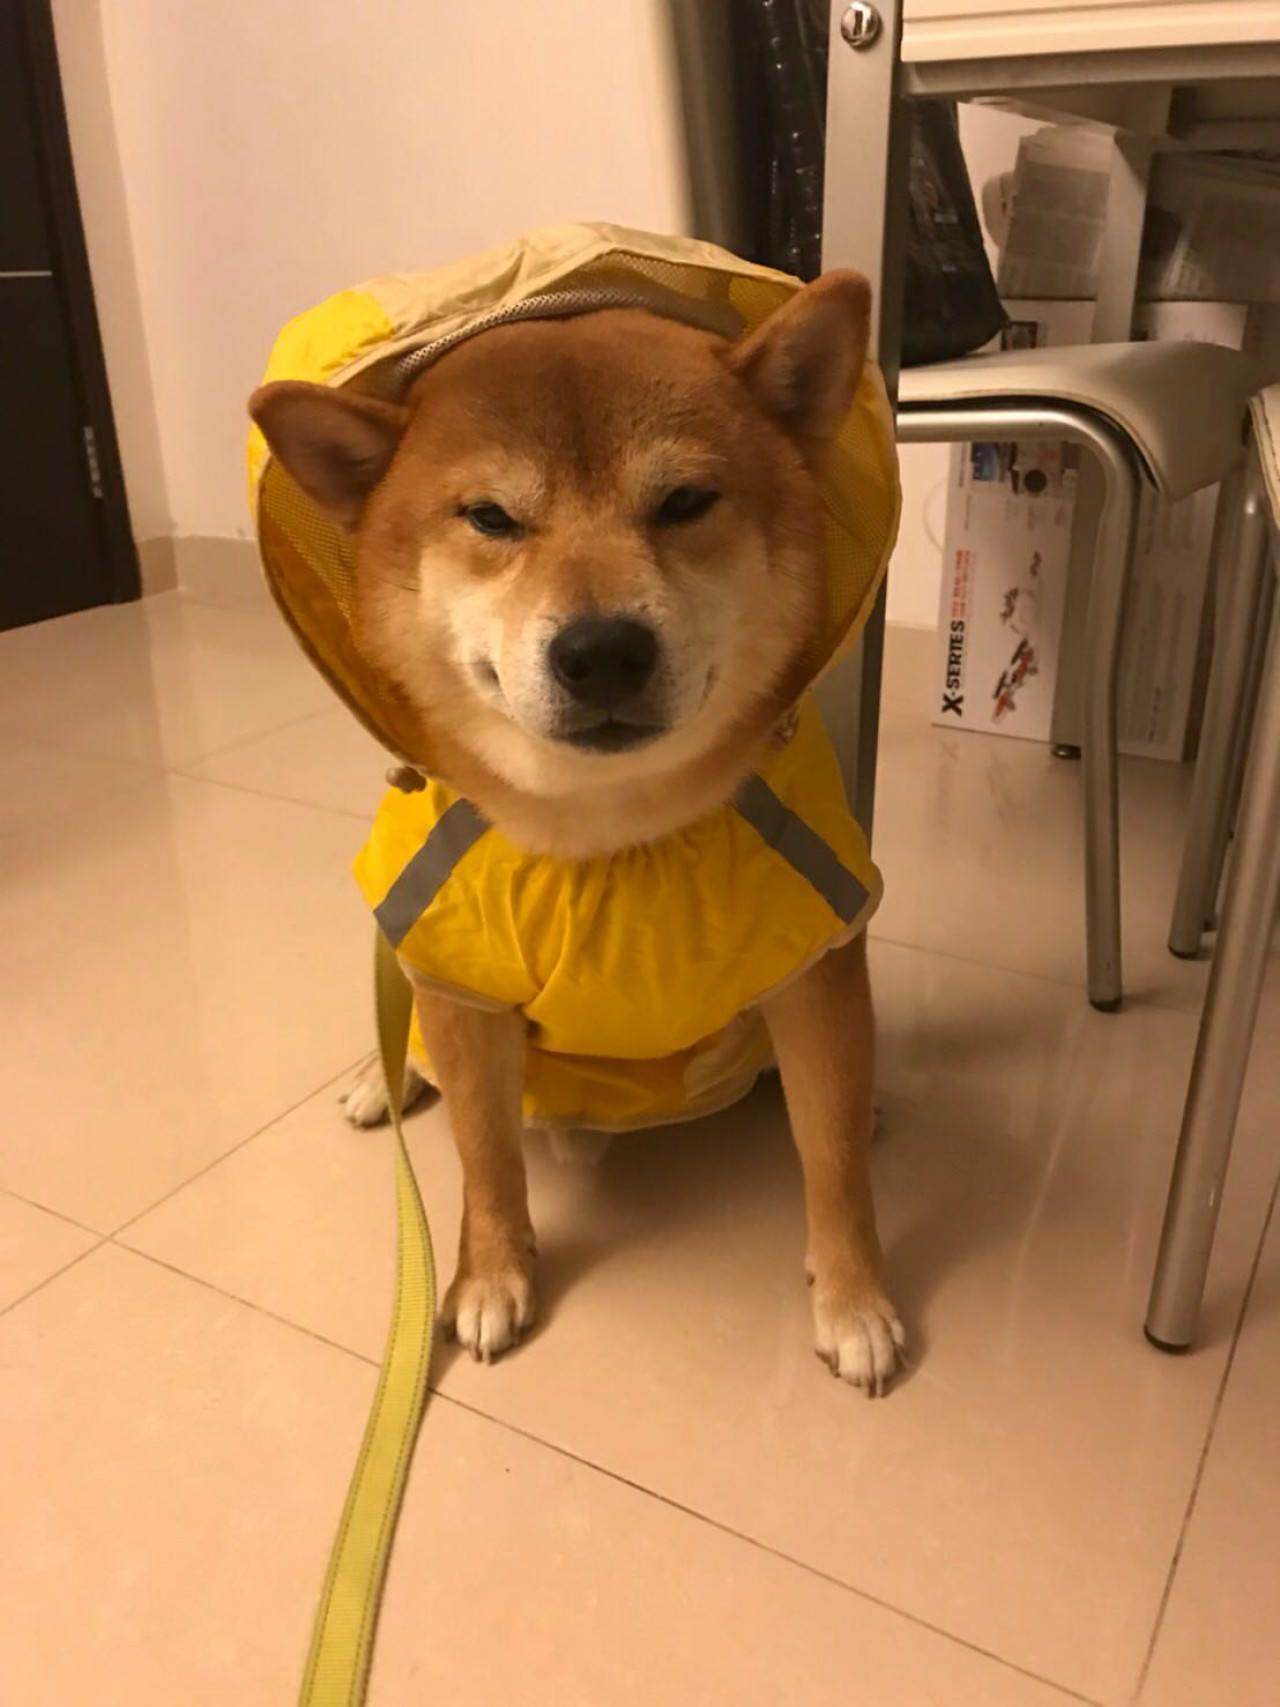 得得與其他狗狗一樣,下雨天也會穿上雨衣。(受訪者提供)